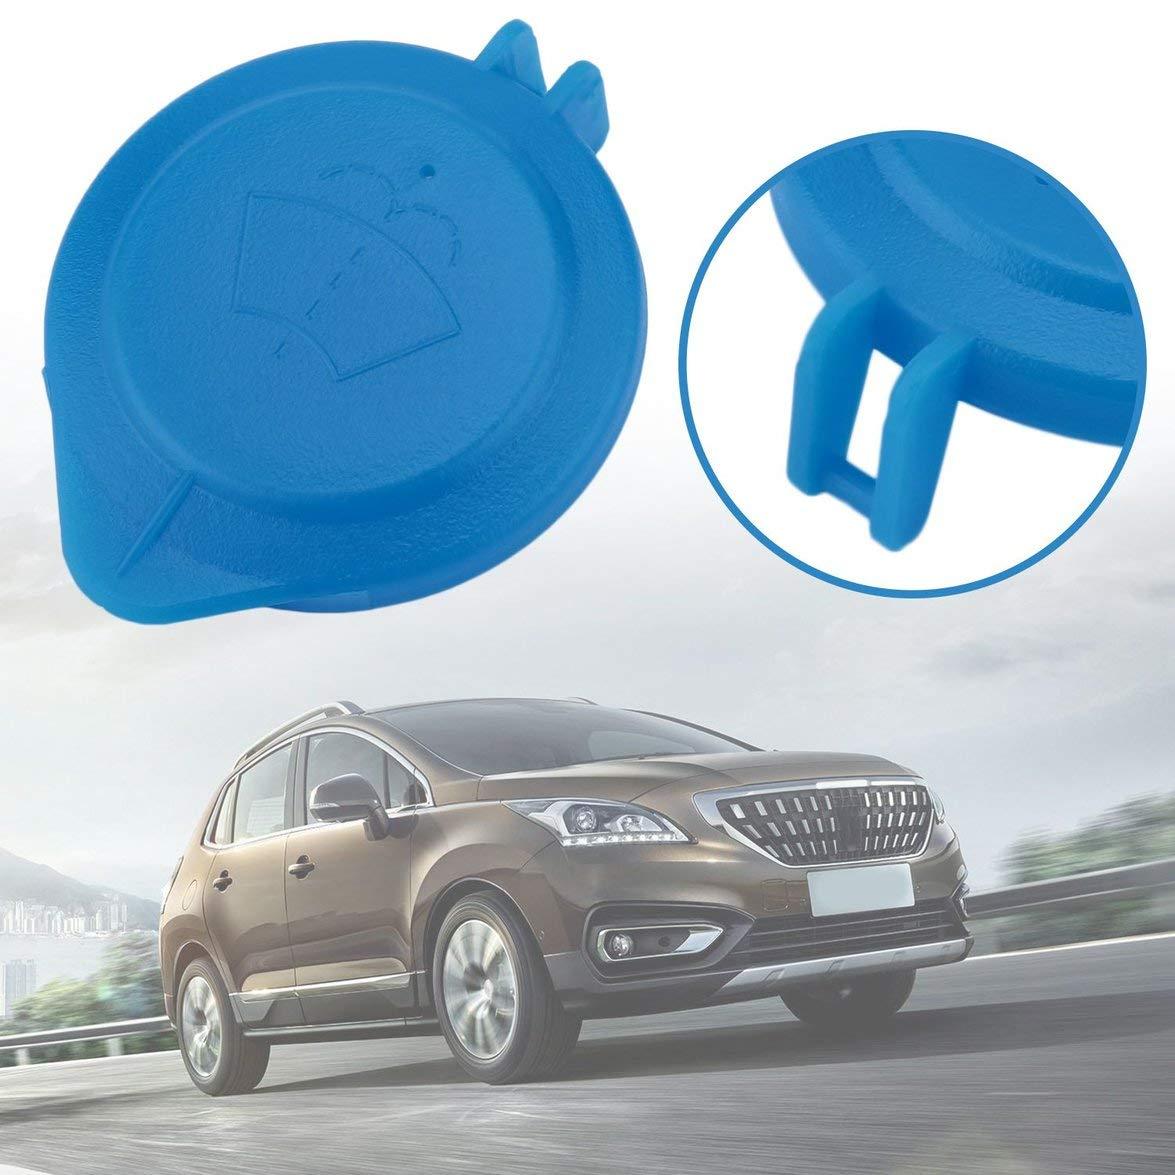 Kongqiabona Tapa Tapa limpiaparabrisas Limpieza depósito de Repuesto del Parabrisas para Peugeot 407 para Citroen C5 3008 Accesorios del Coche: Amazon.es: ...